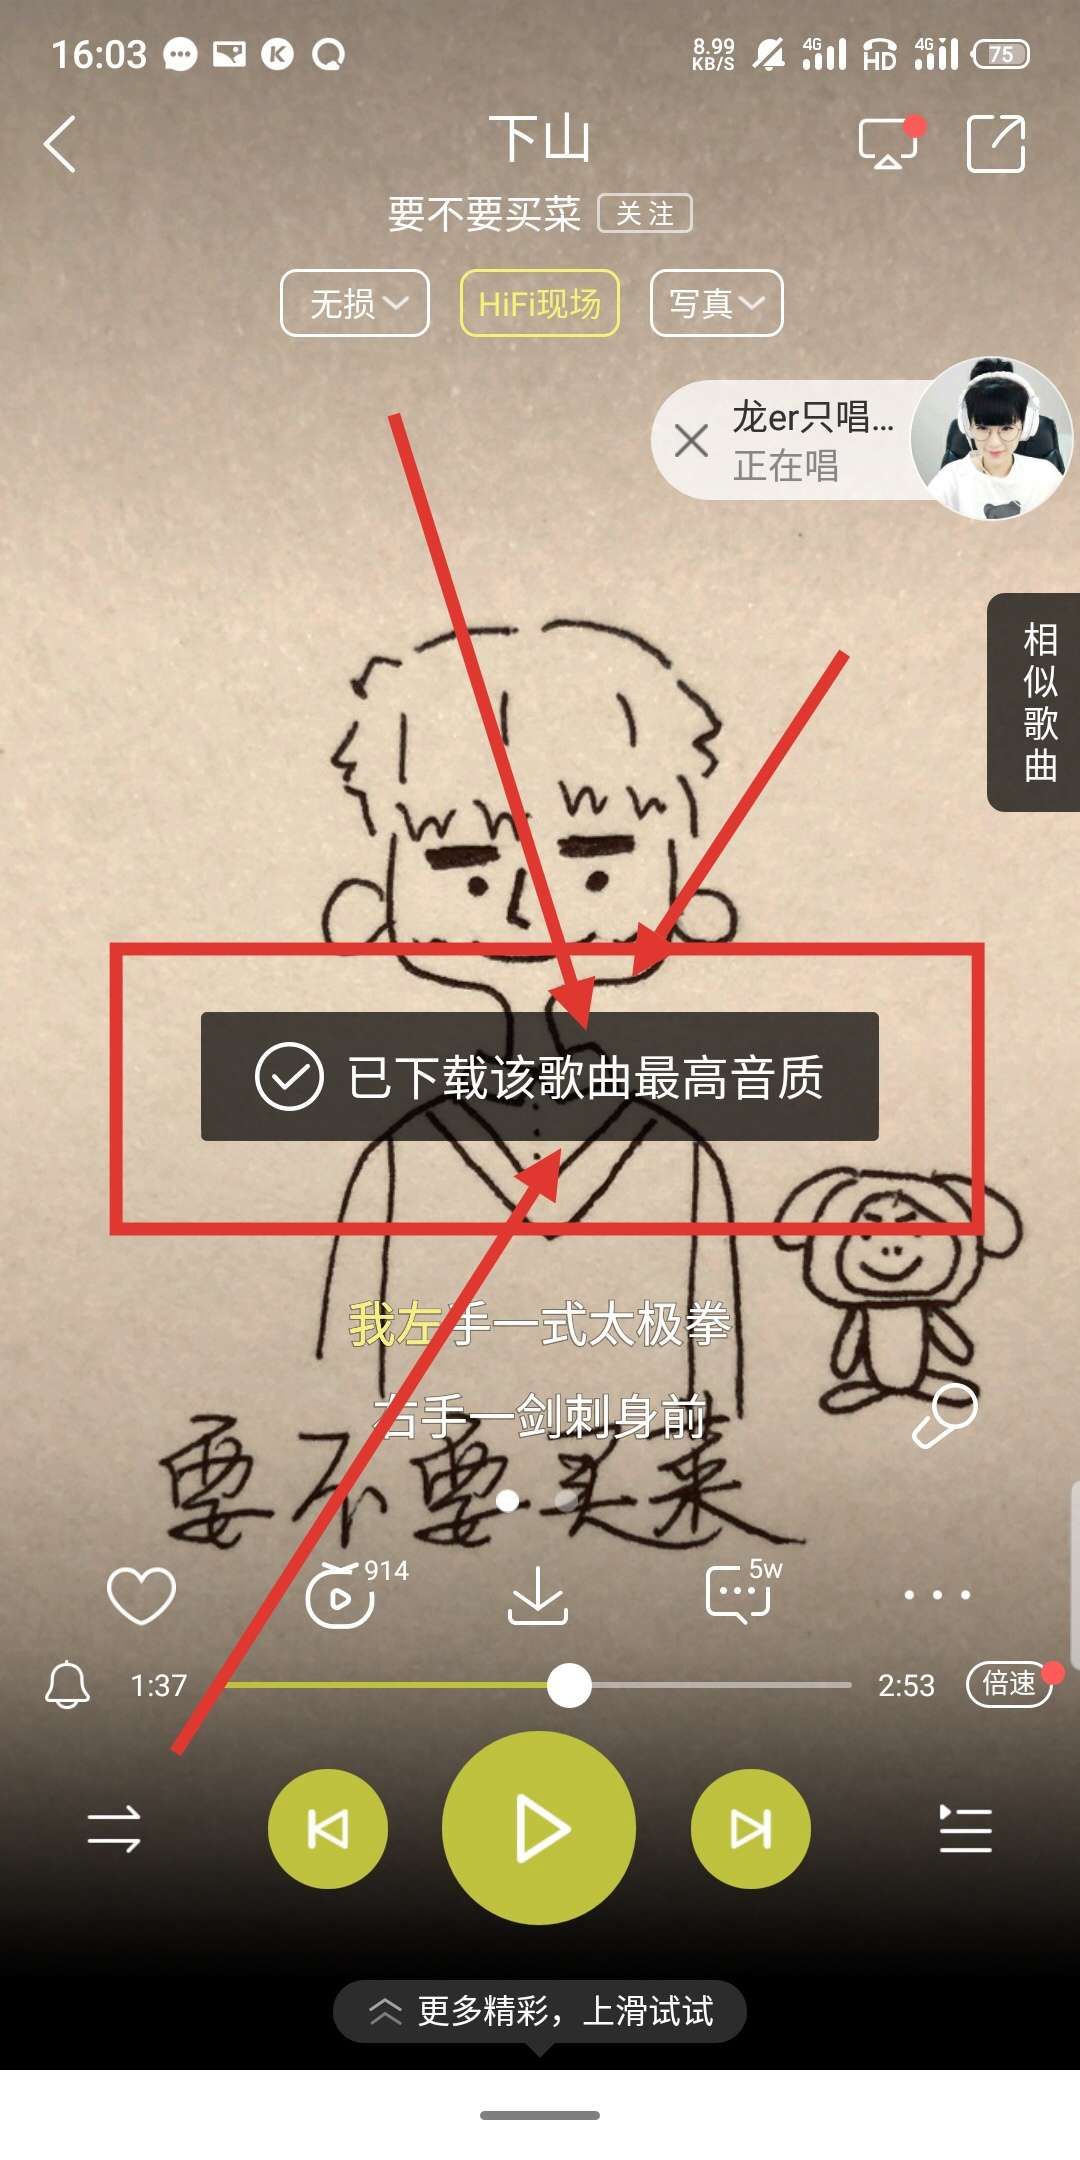 「分享」酷狗音乐_9.2.0魔改版破解VIP/下载付费歌曲